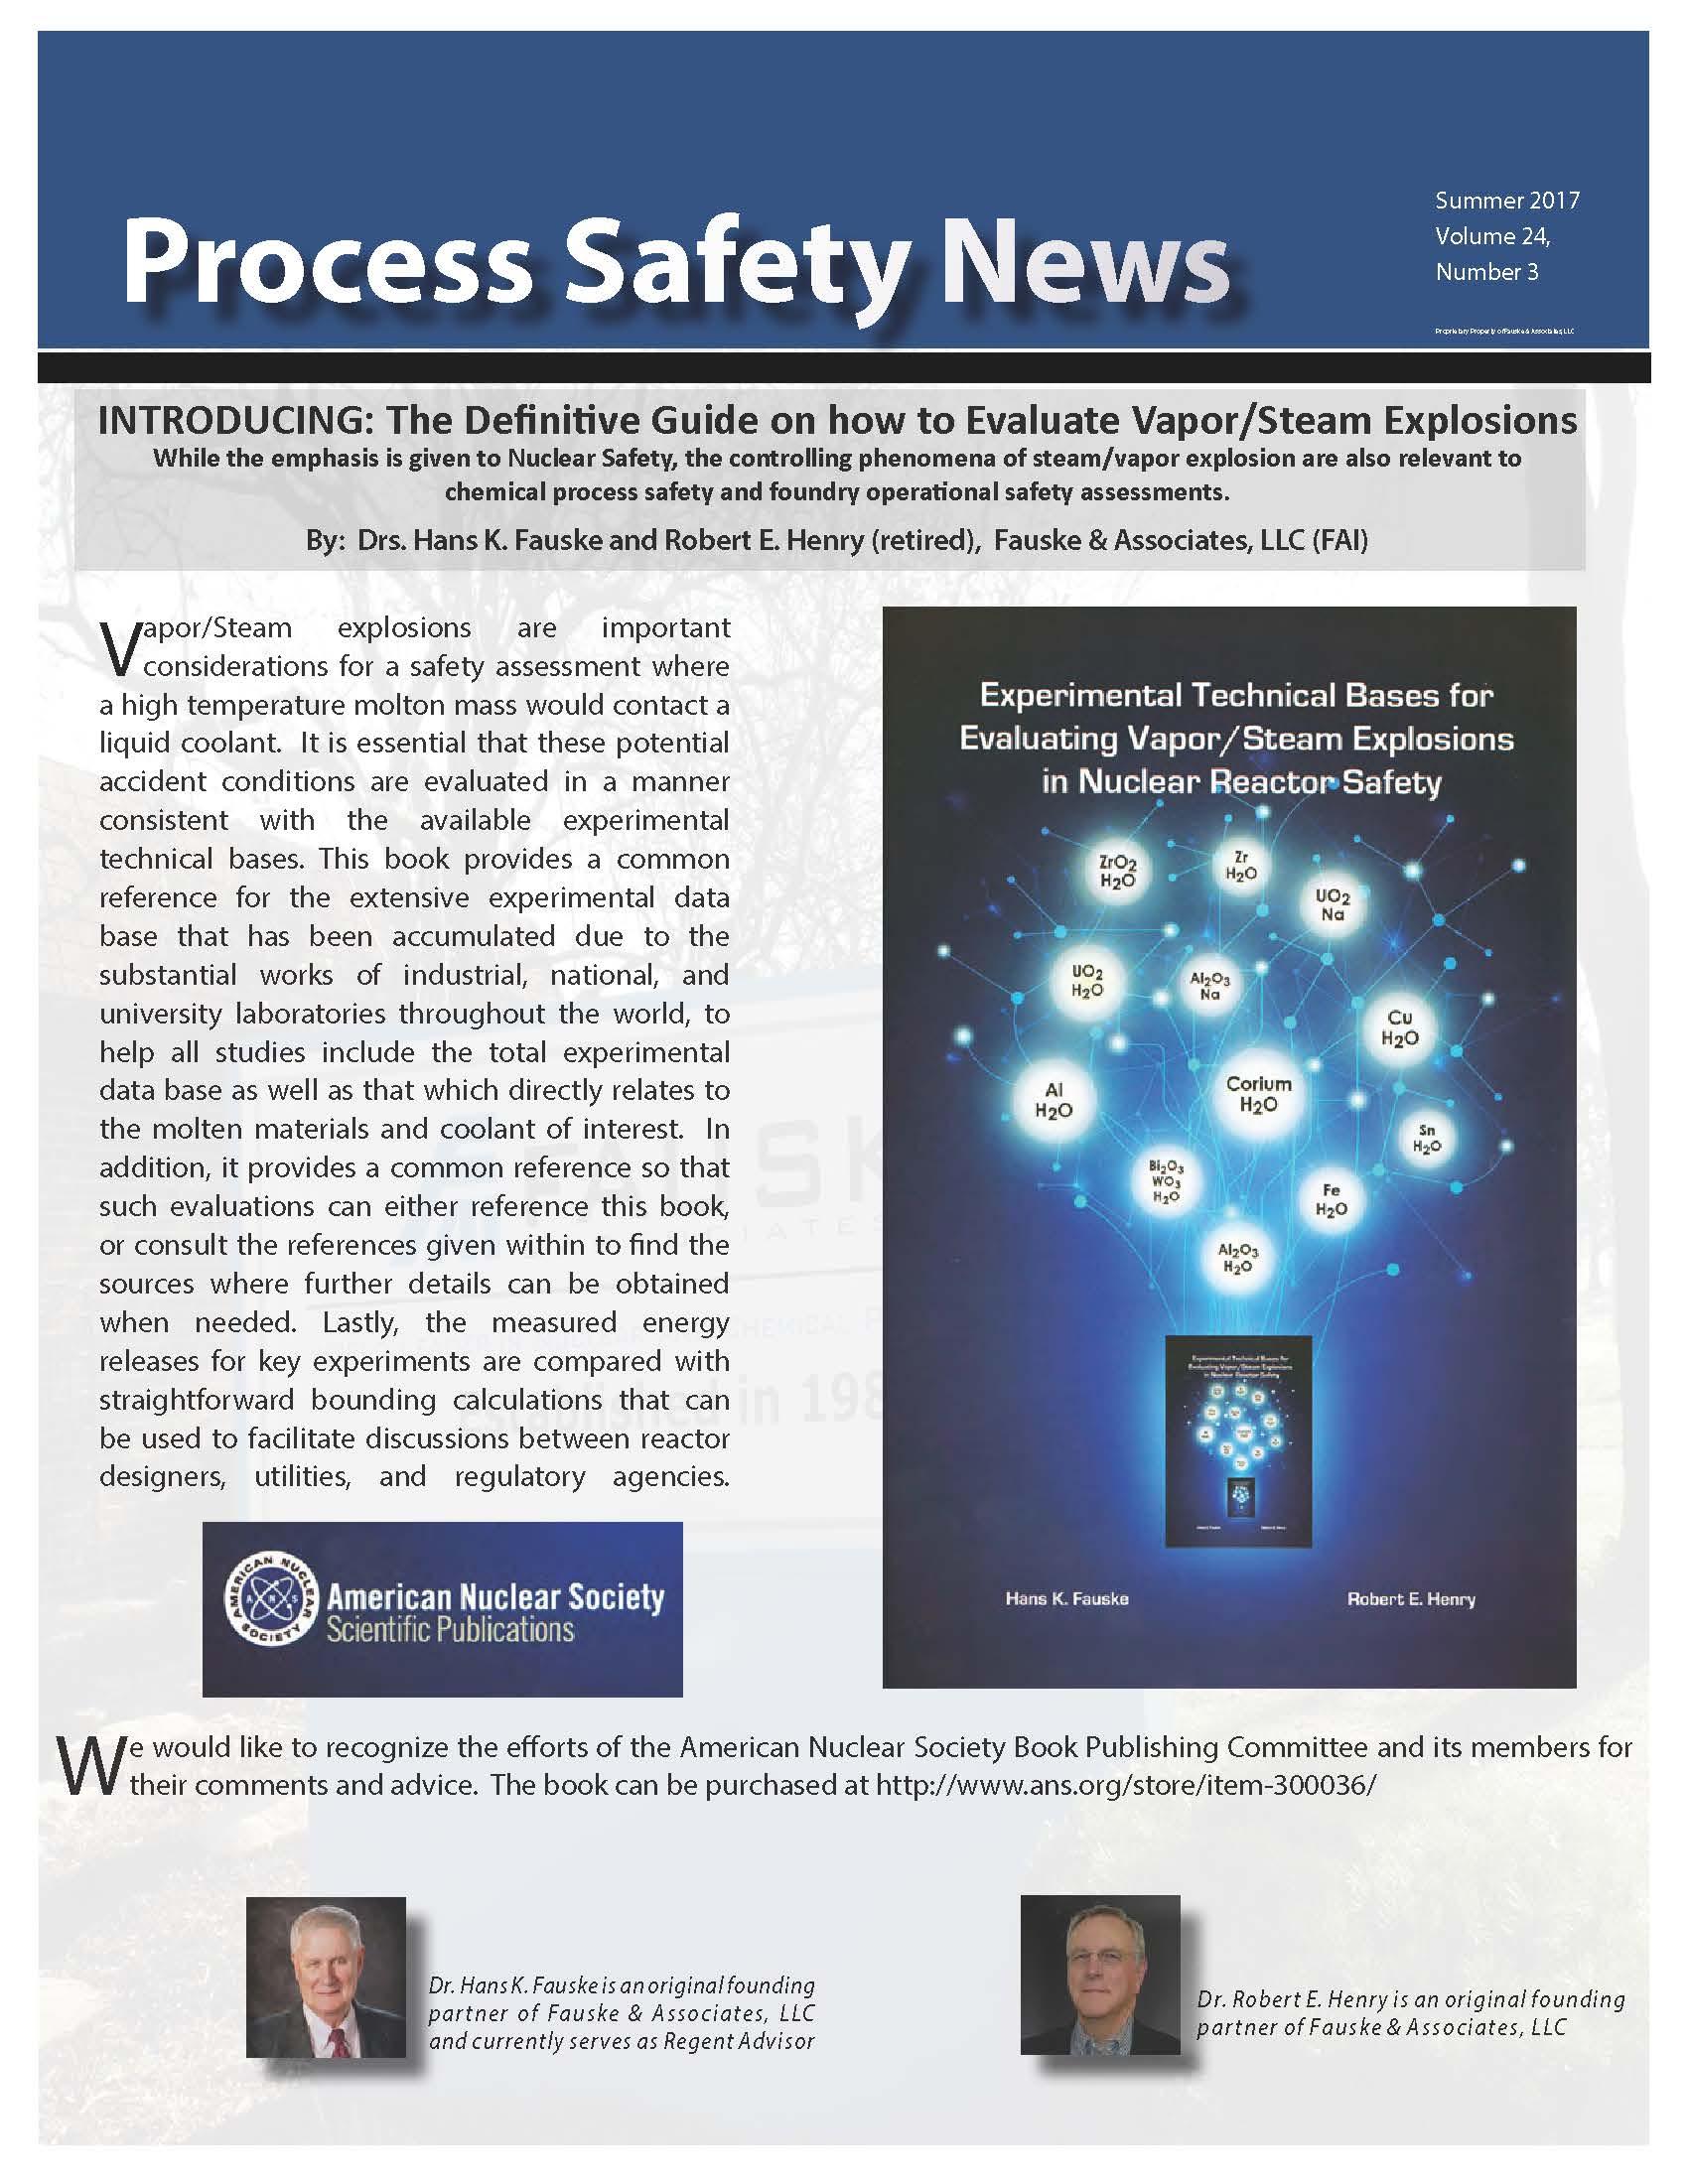 Summer 2017 Process Safety News